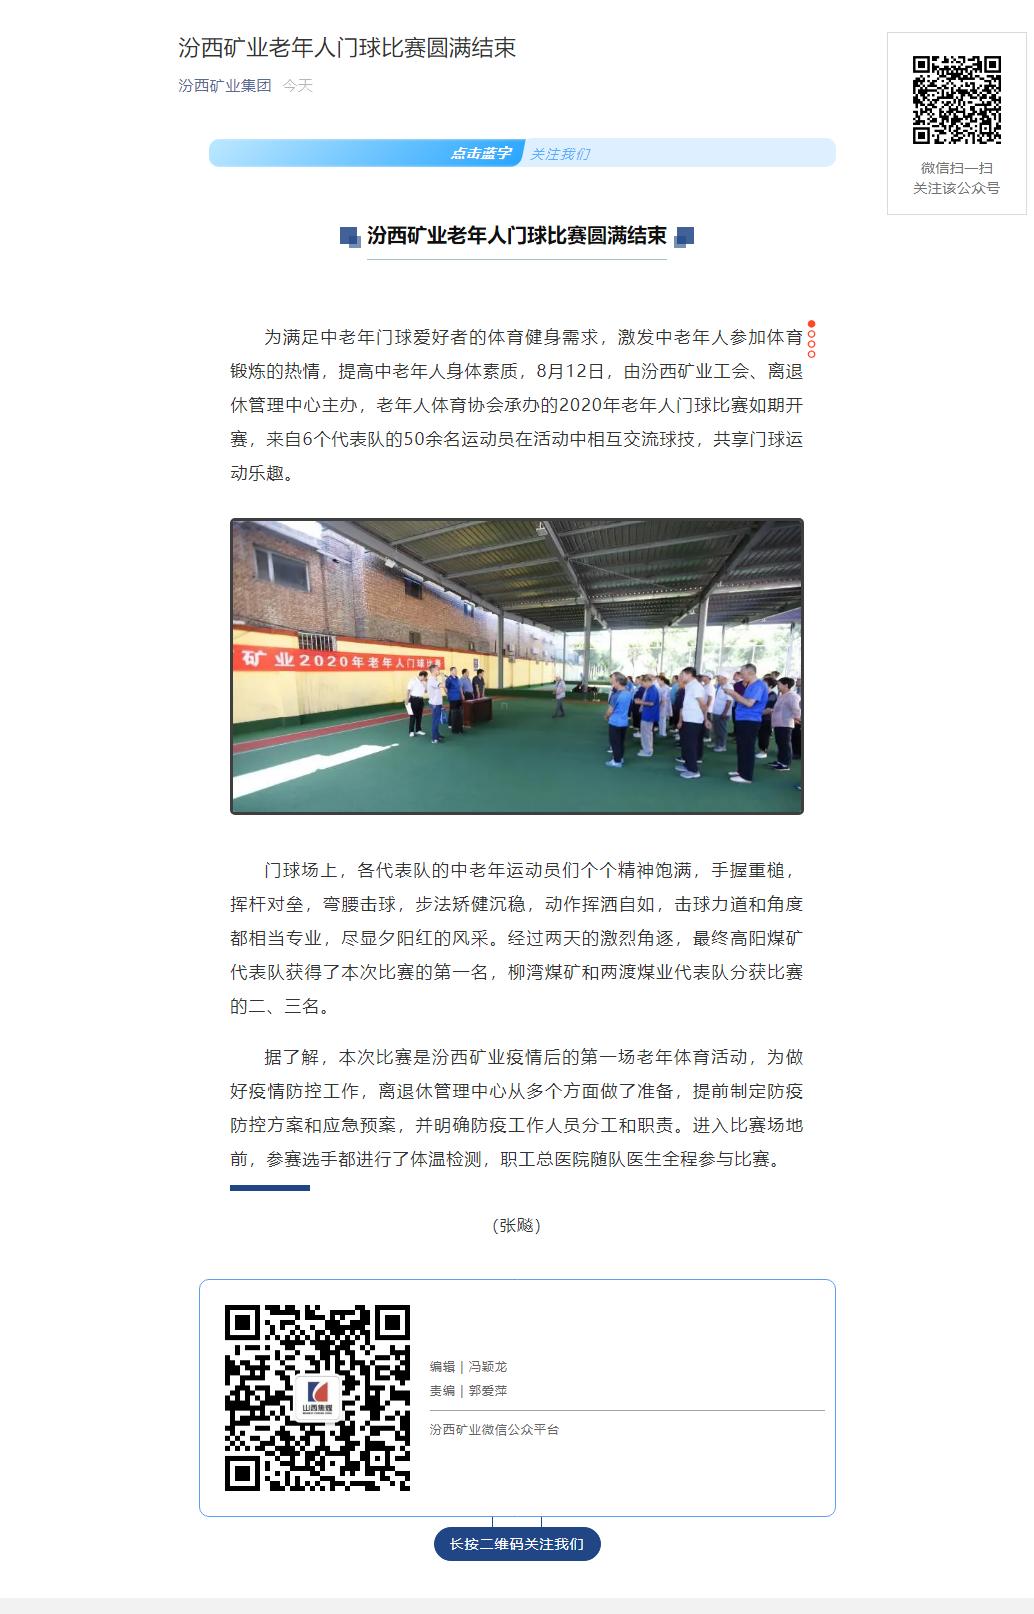 汾西矿业_老年人门球比赛圆满结束.png